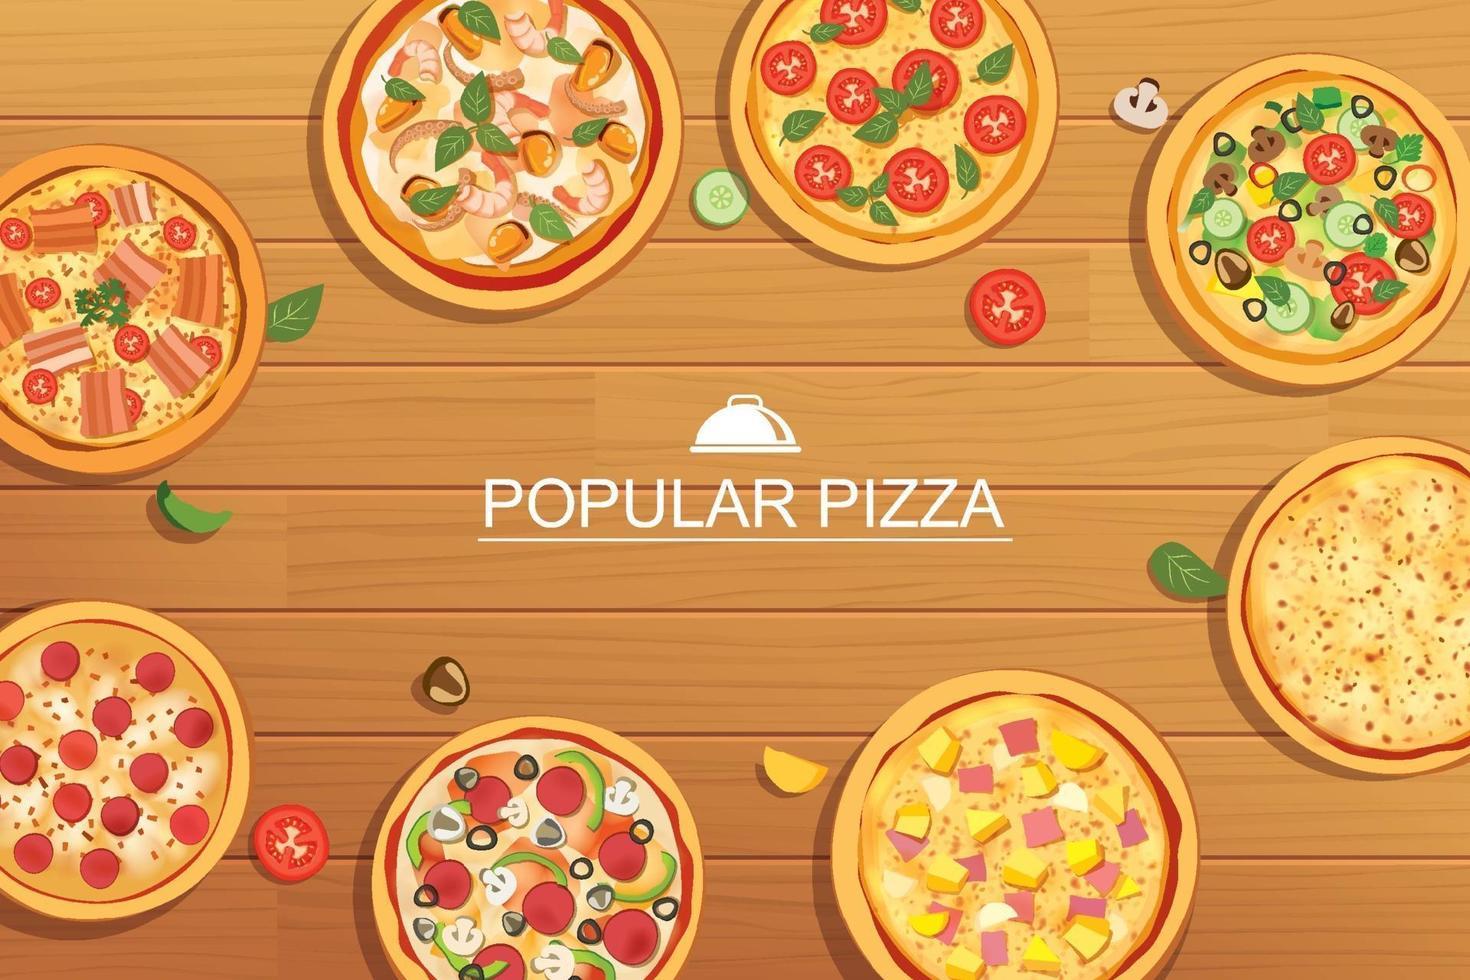 pizza imposta menu diverso su fondo in legno. utilizzare per design, poster, flyer, banner. vettore